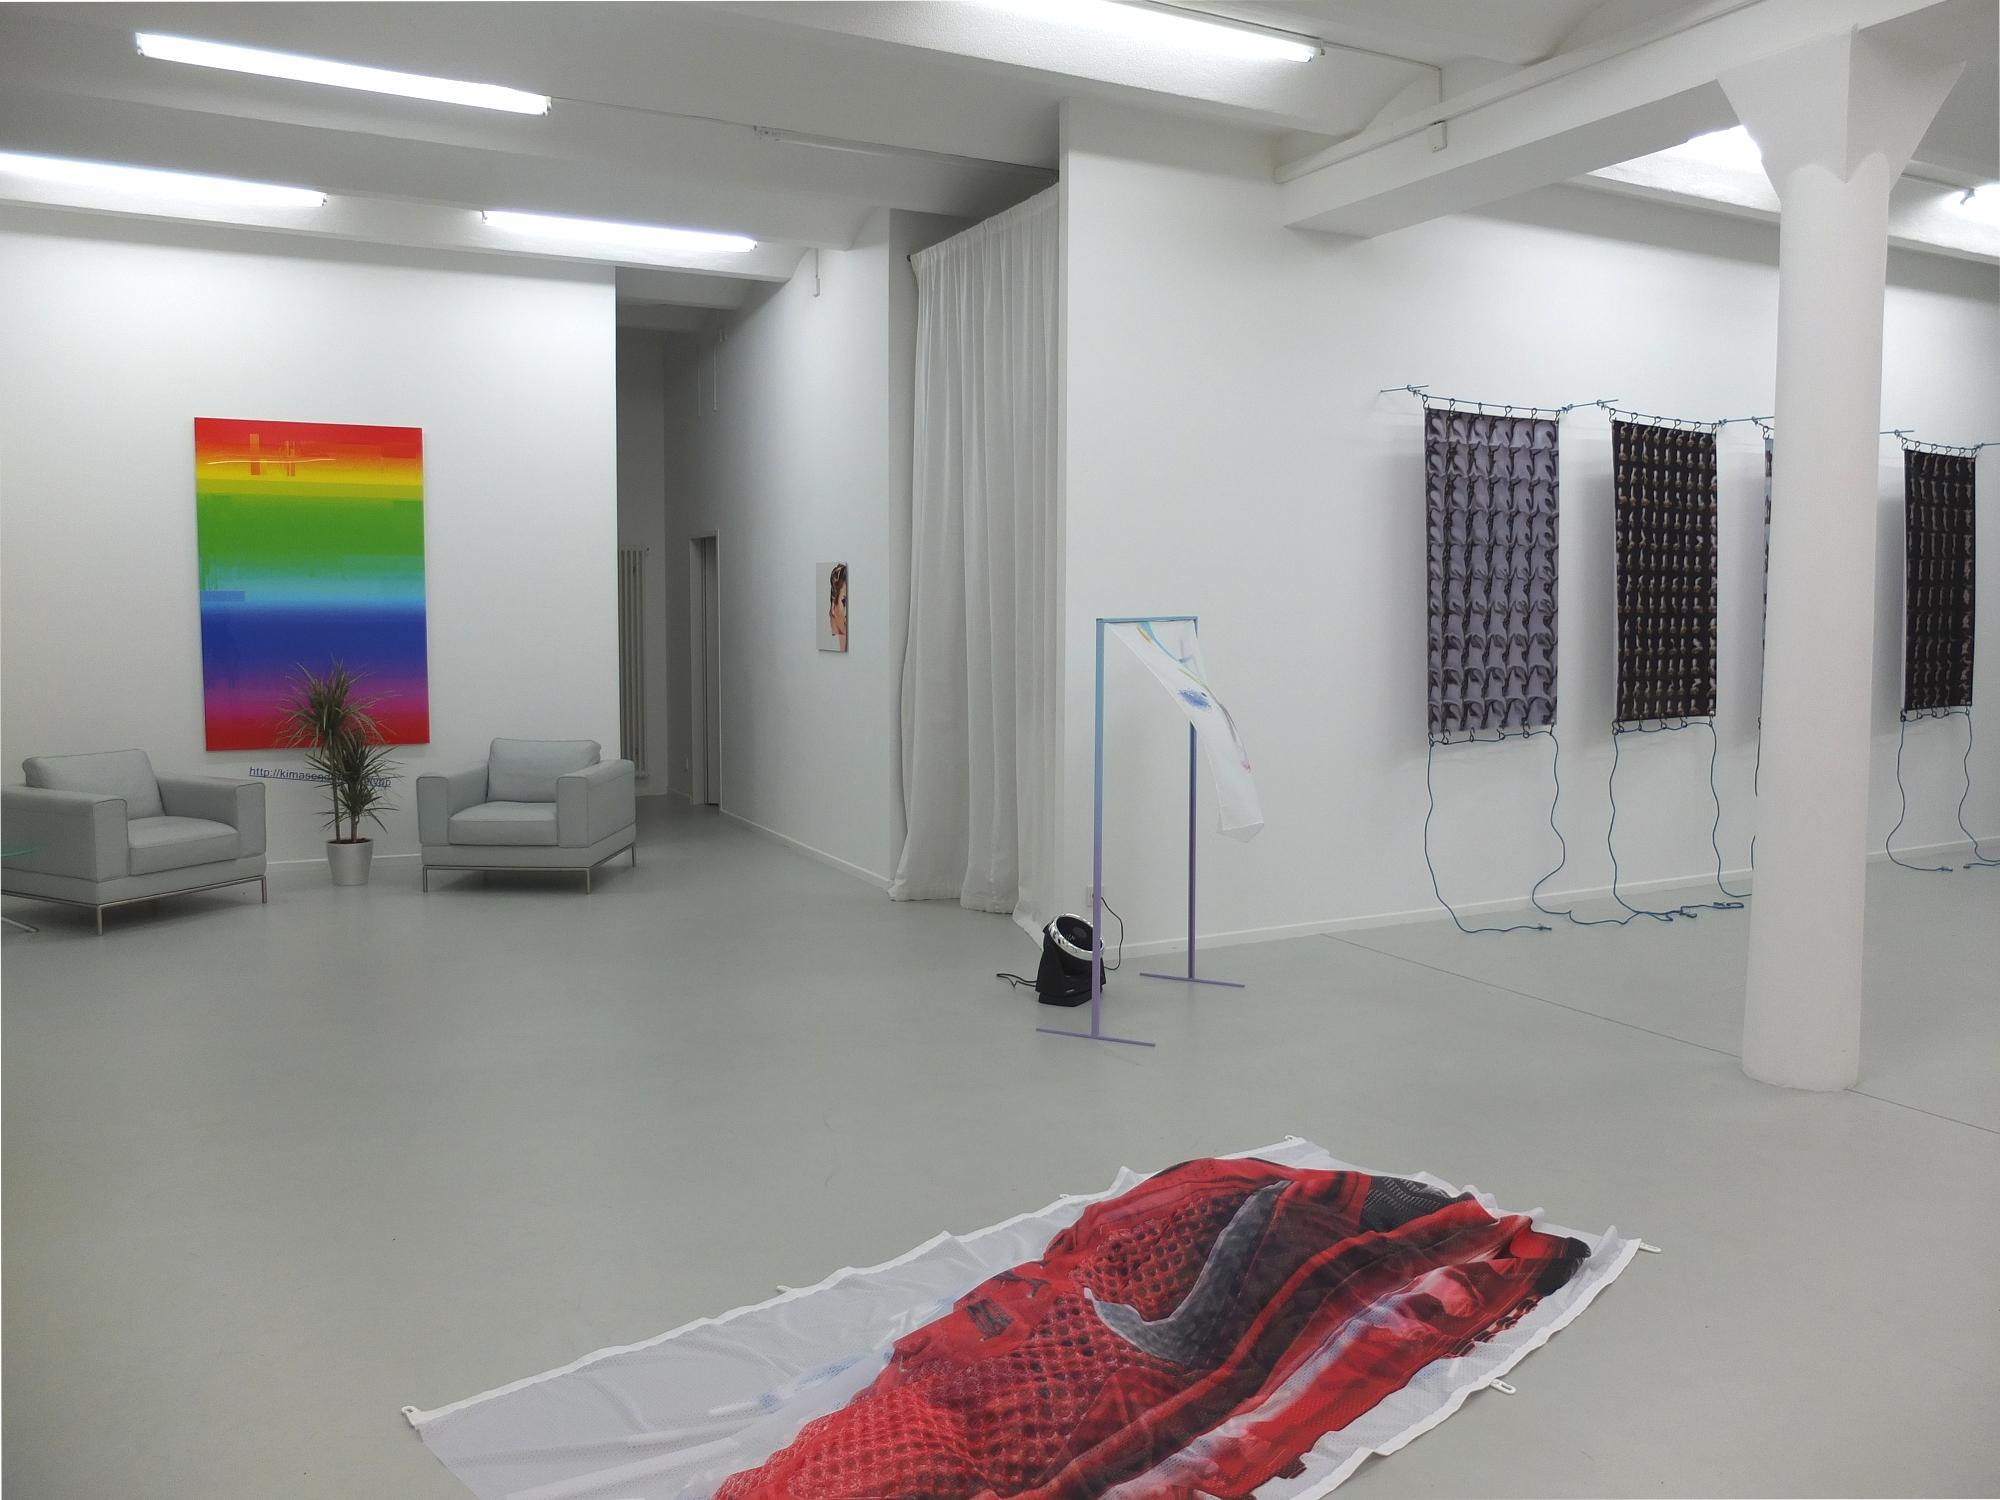 Kim Asendorf & Flavien Théry, Ausstellungsansicht, 2014